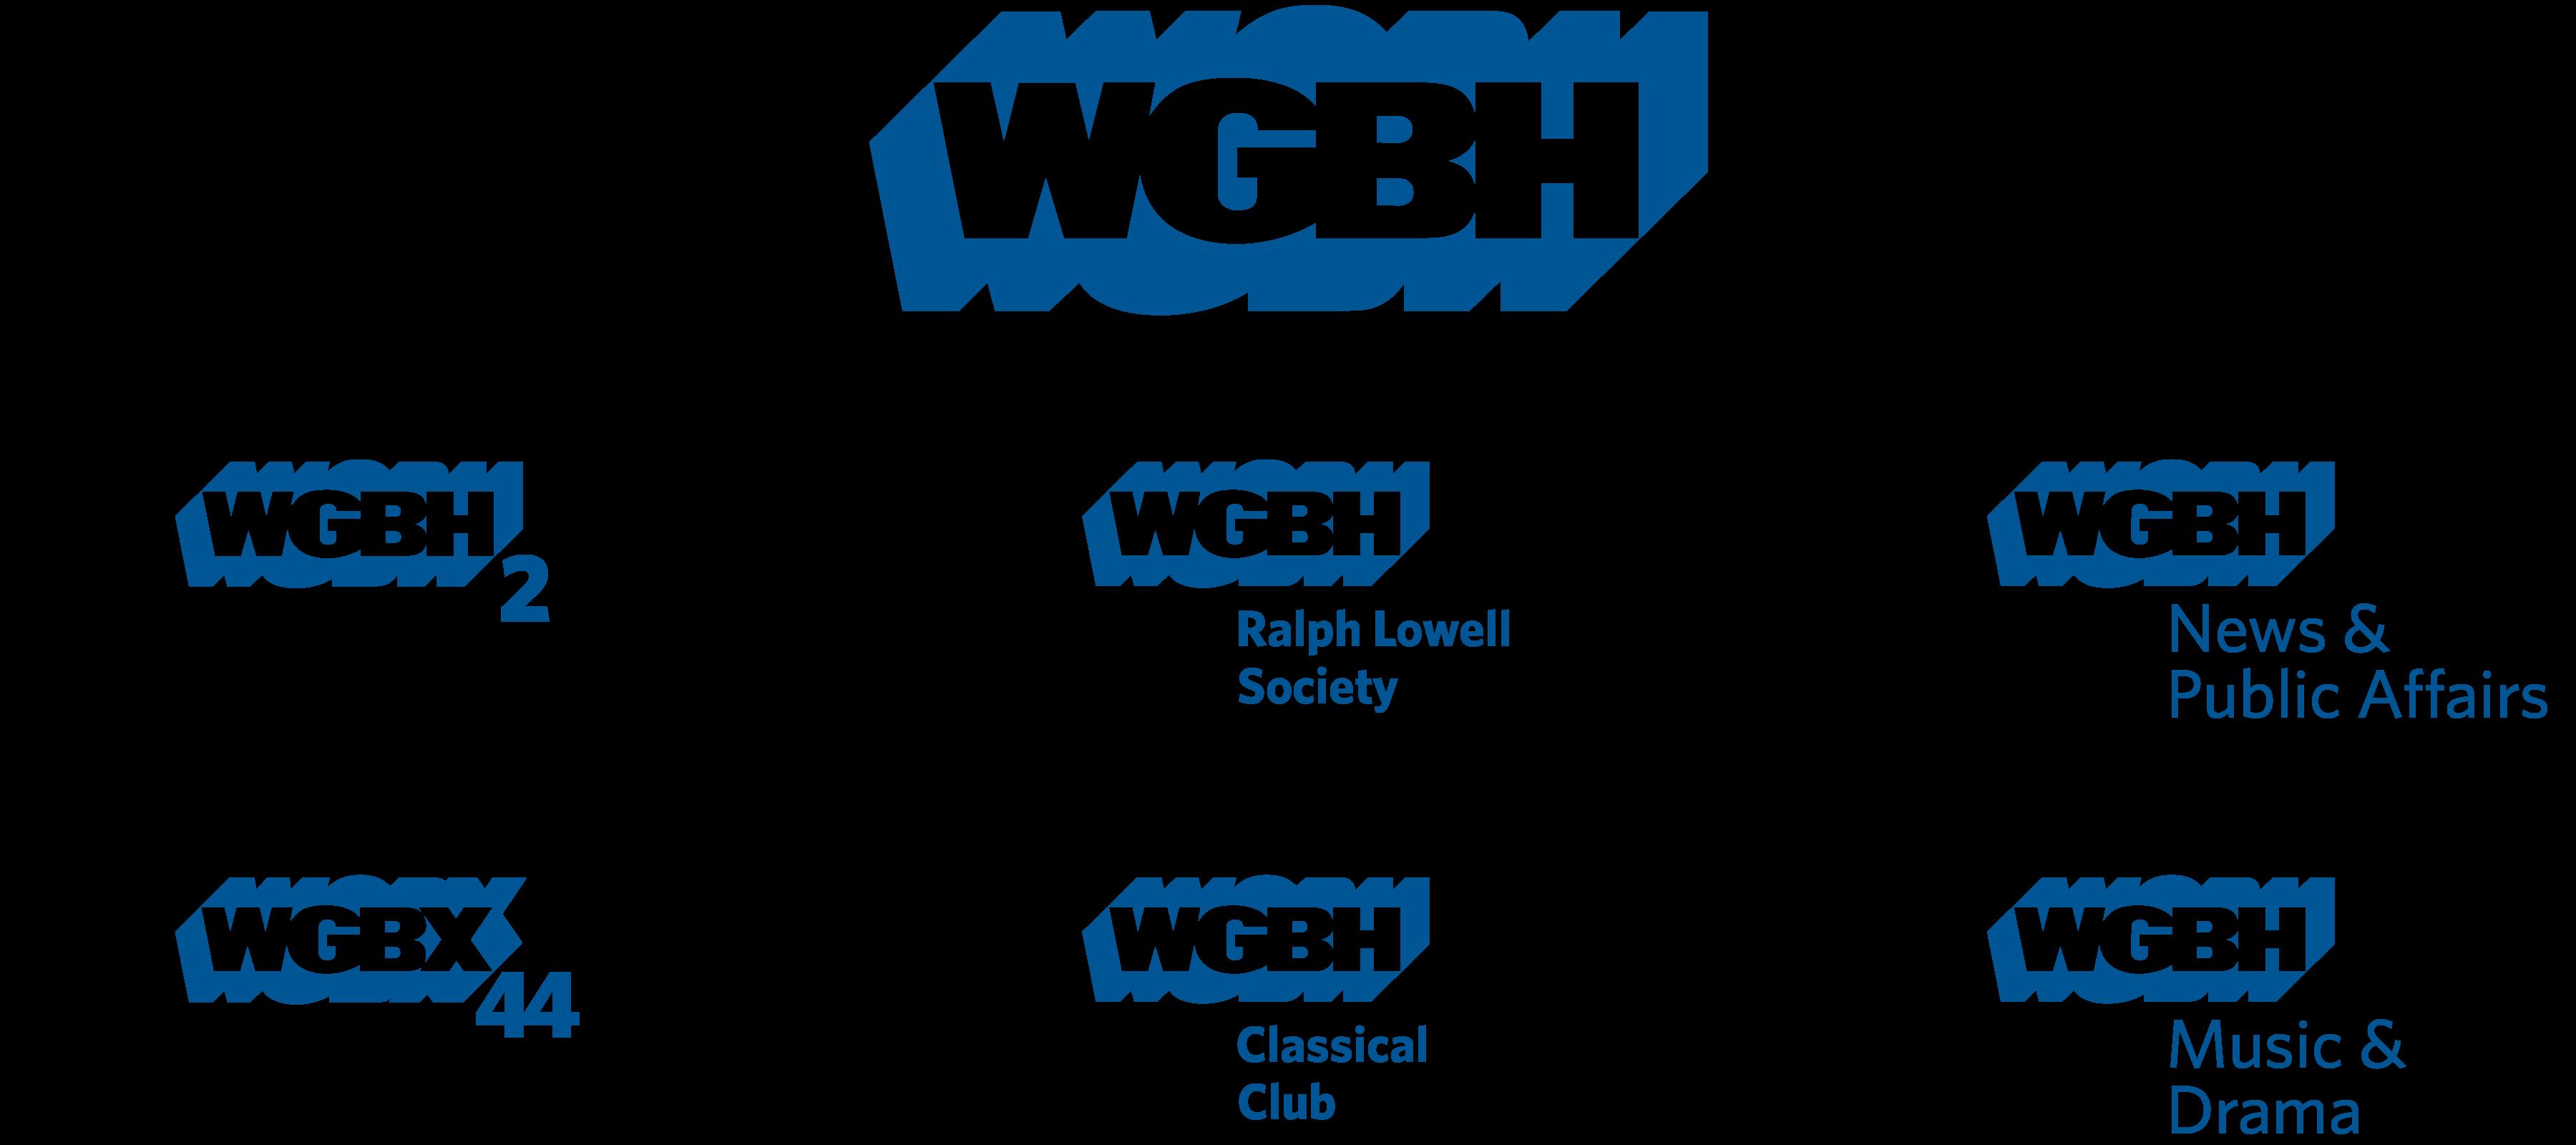 WGBH identifier